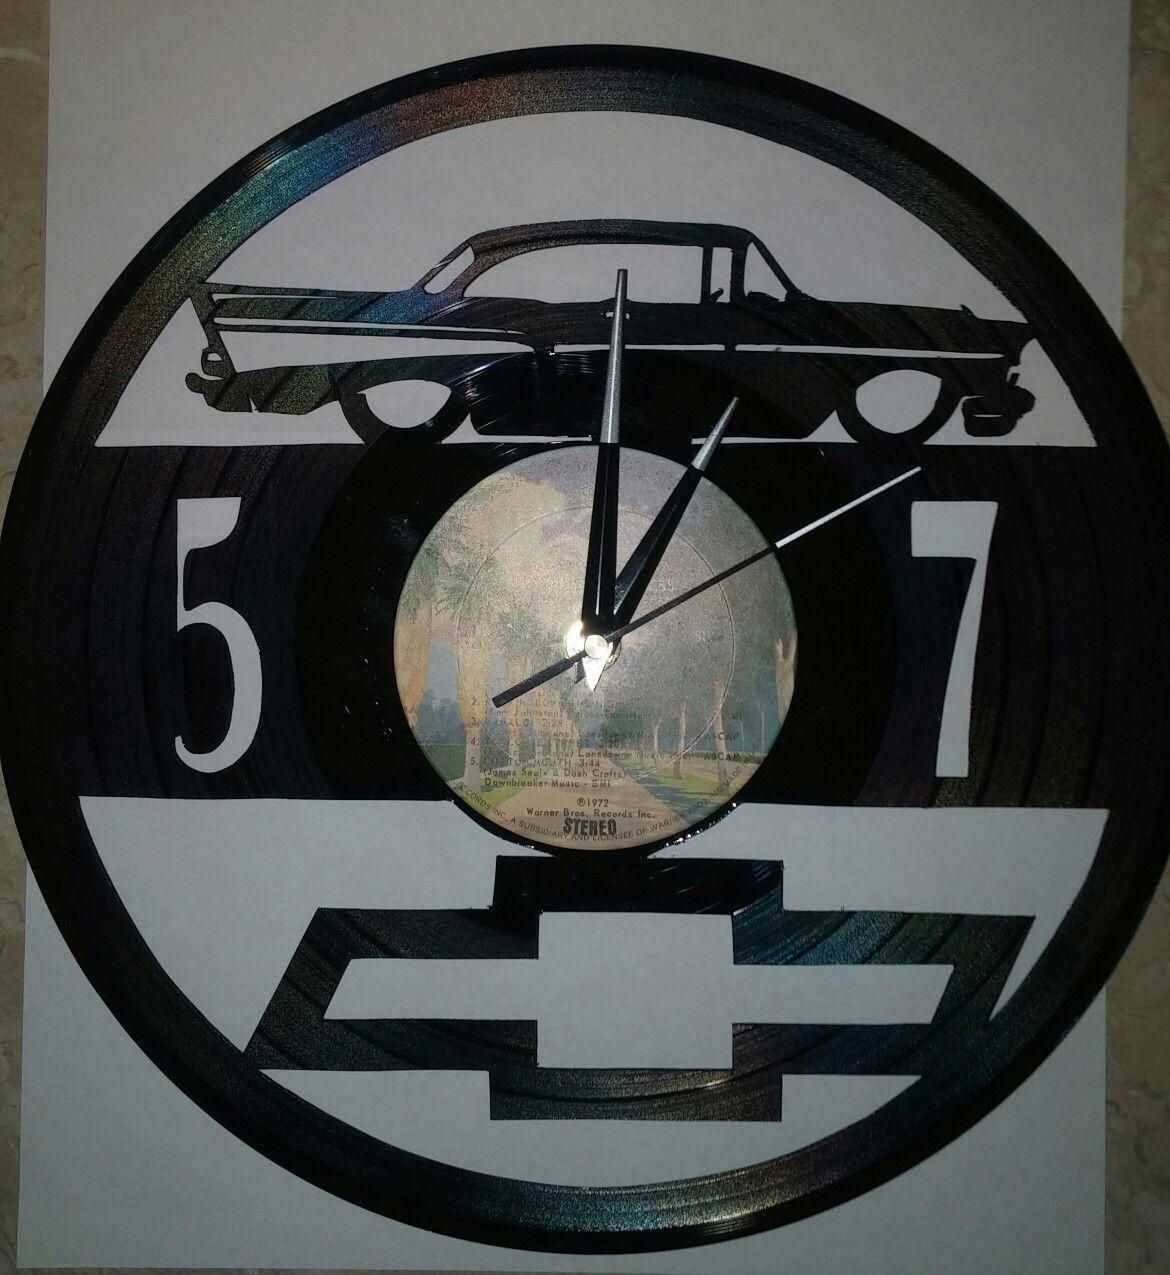 57 Chevy Vinyl Album Wall Clock Arte Em Vinil Vinis Vinil